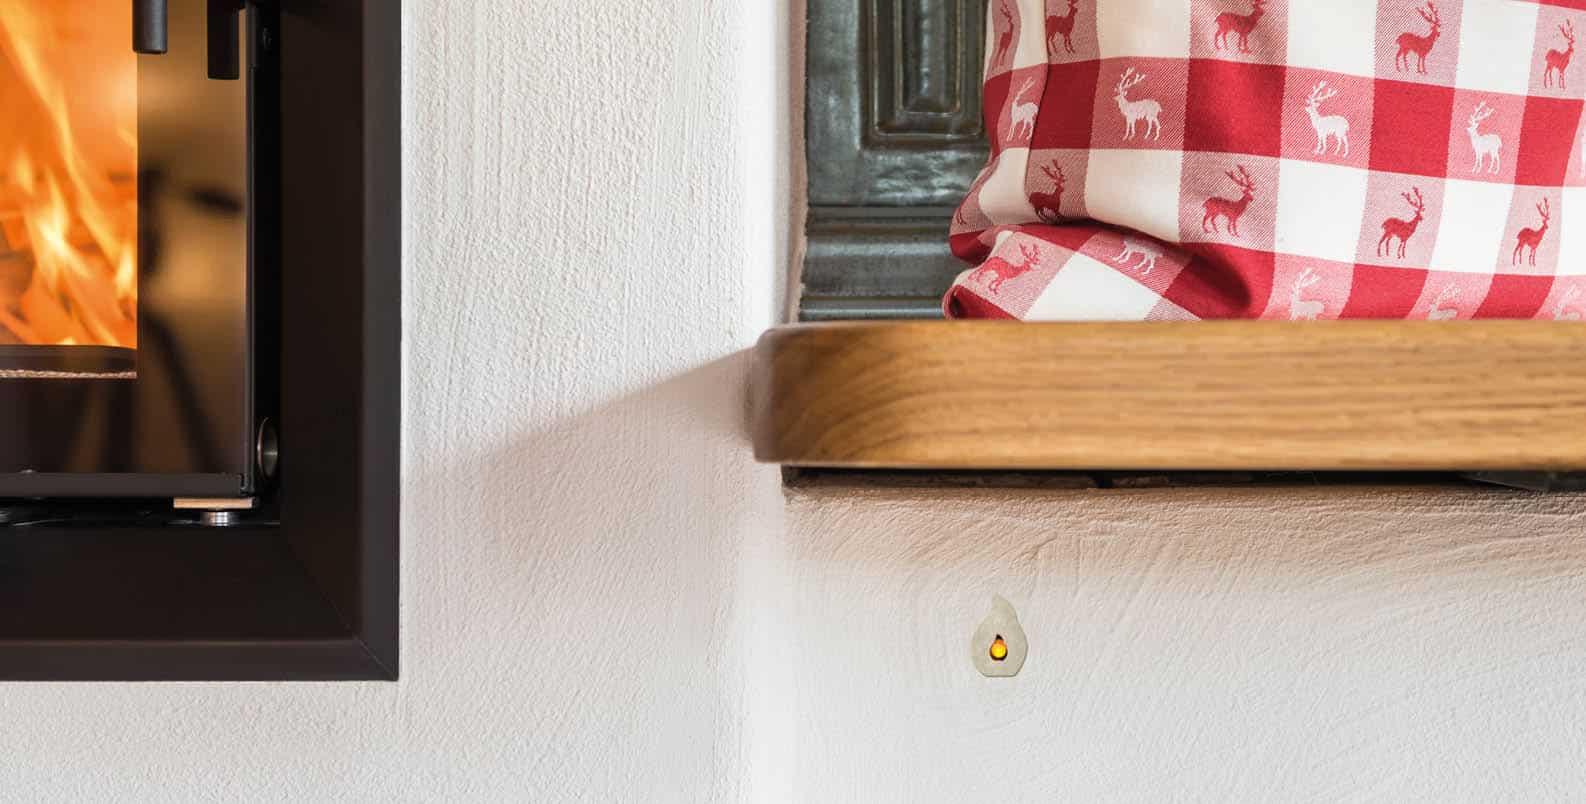 Gemütliche Ofenbank neben dem Feurraum. Neben dem Sichtfenster sieht man den LED Stecker der Abbrandsteuerung